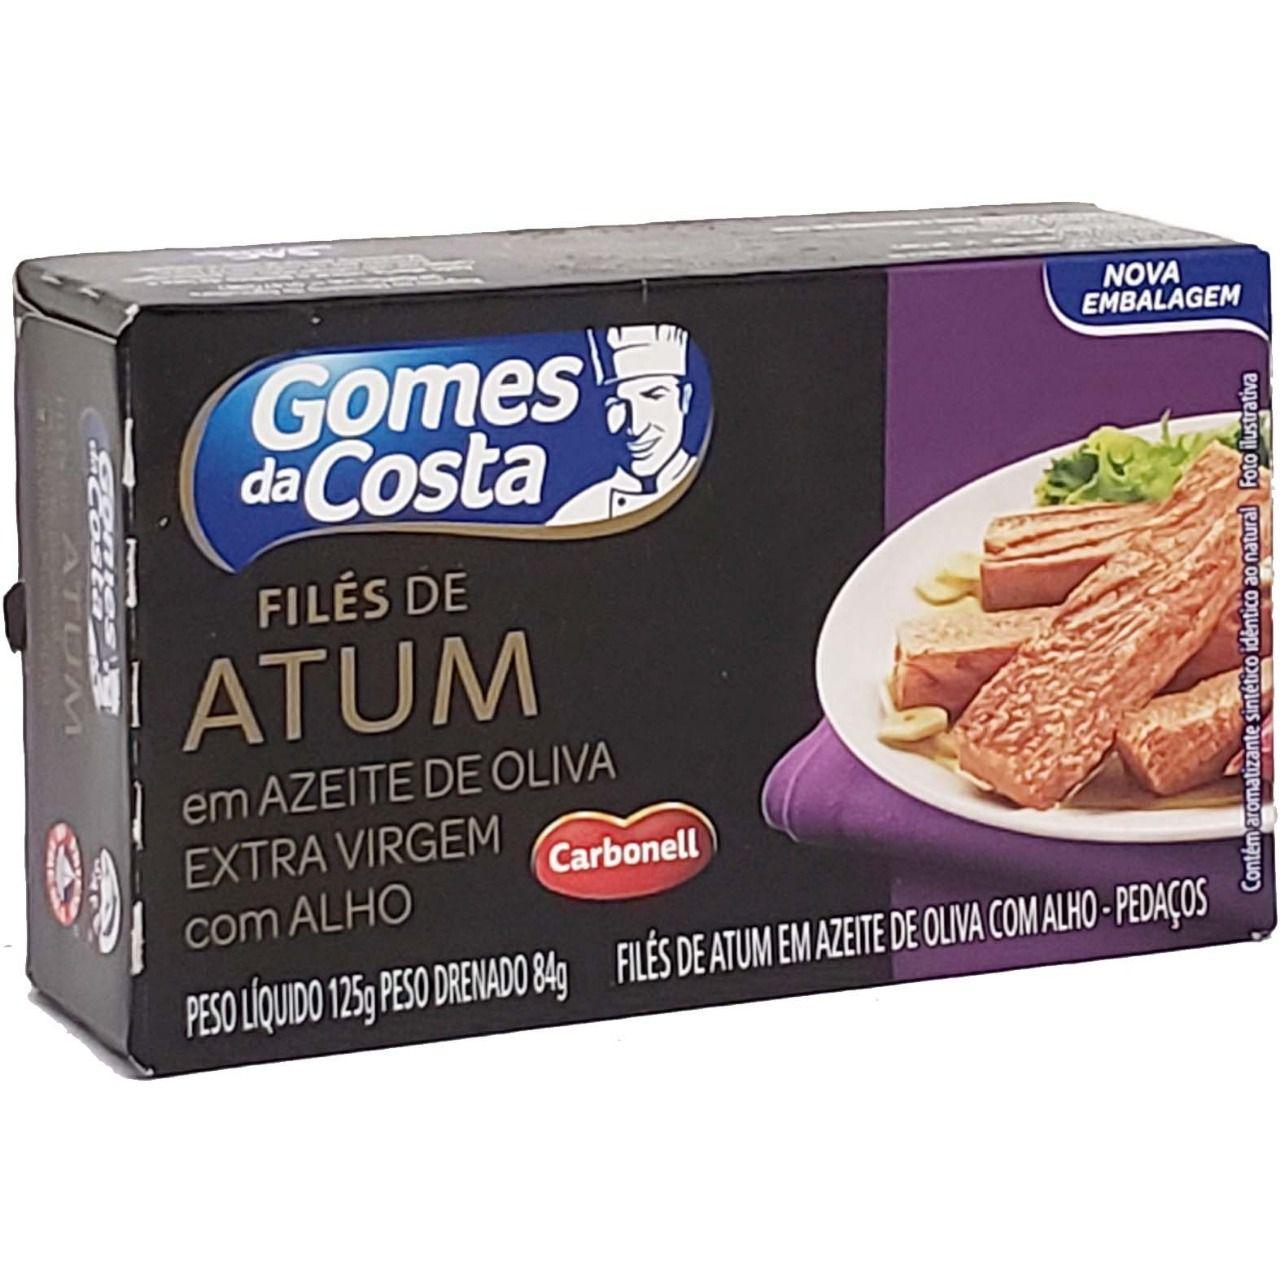 Filés de Atum em Azeite de Oliva Extra Virgem com Alho Gomes da Costa - 125g